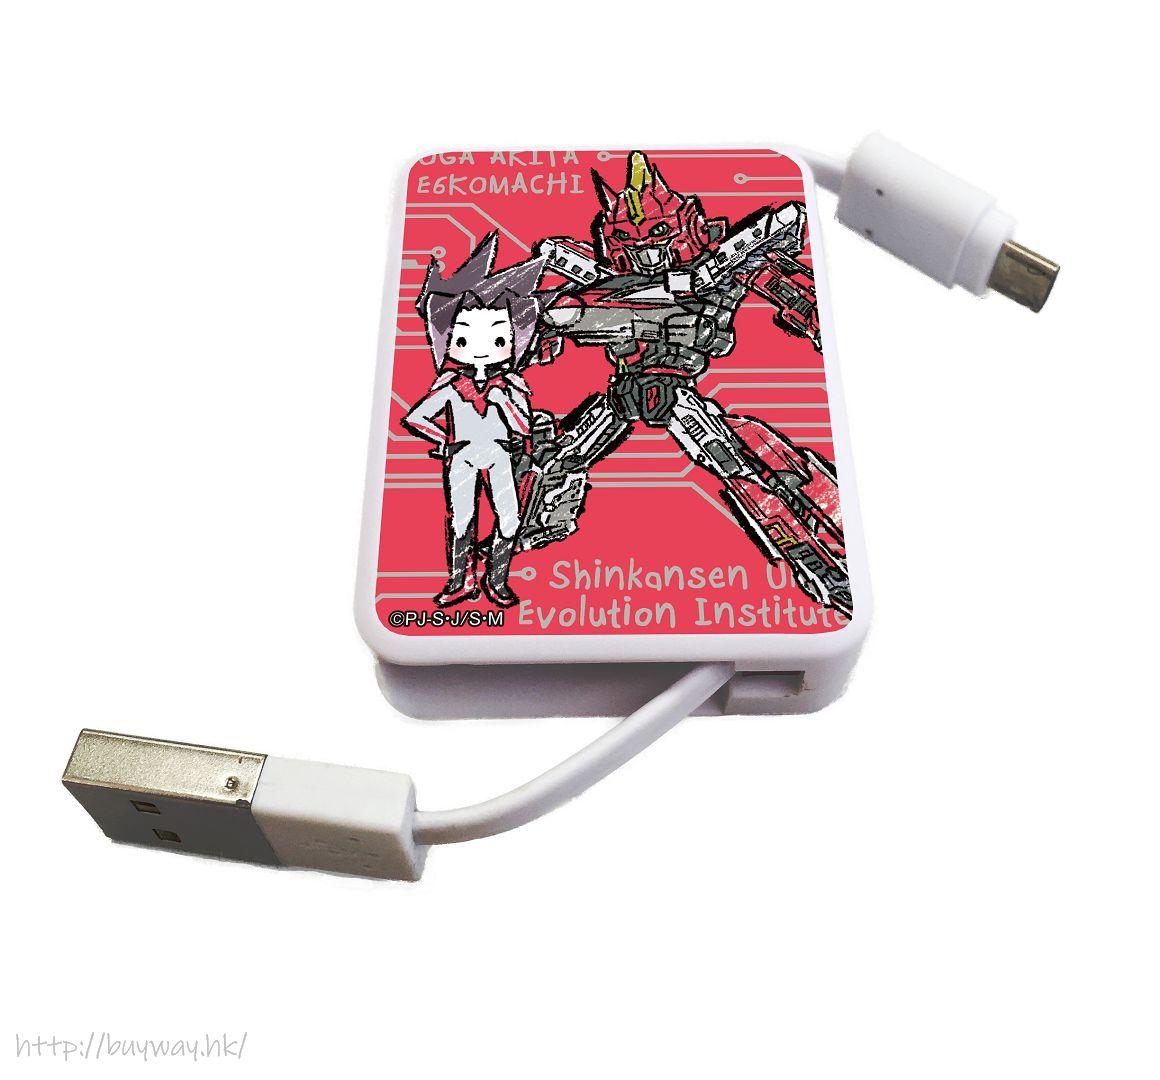 新幹線變形機器人Shinkalion 「男鹿秋田」USB 2.0 數據線 (Graff Art Design)  Chara Reel 02 Oga Akita (Graff Art Design)【Shinkansen Henkei Robo Shinkalion】